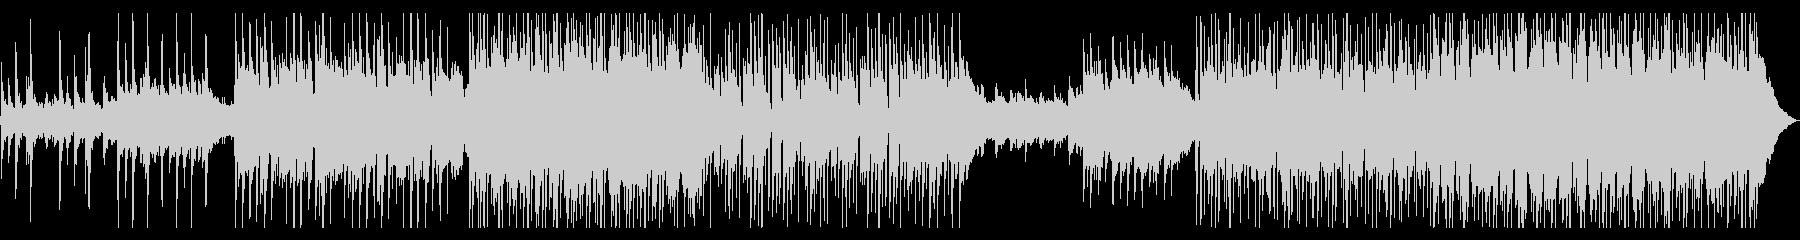 中期ビートルズ風サイケピアノポップの未再生の波形